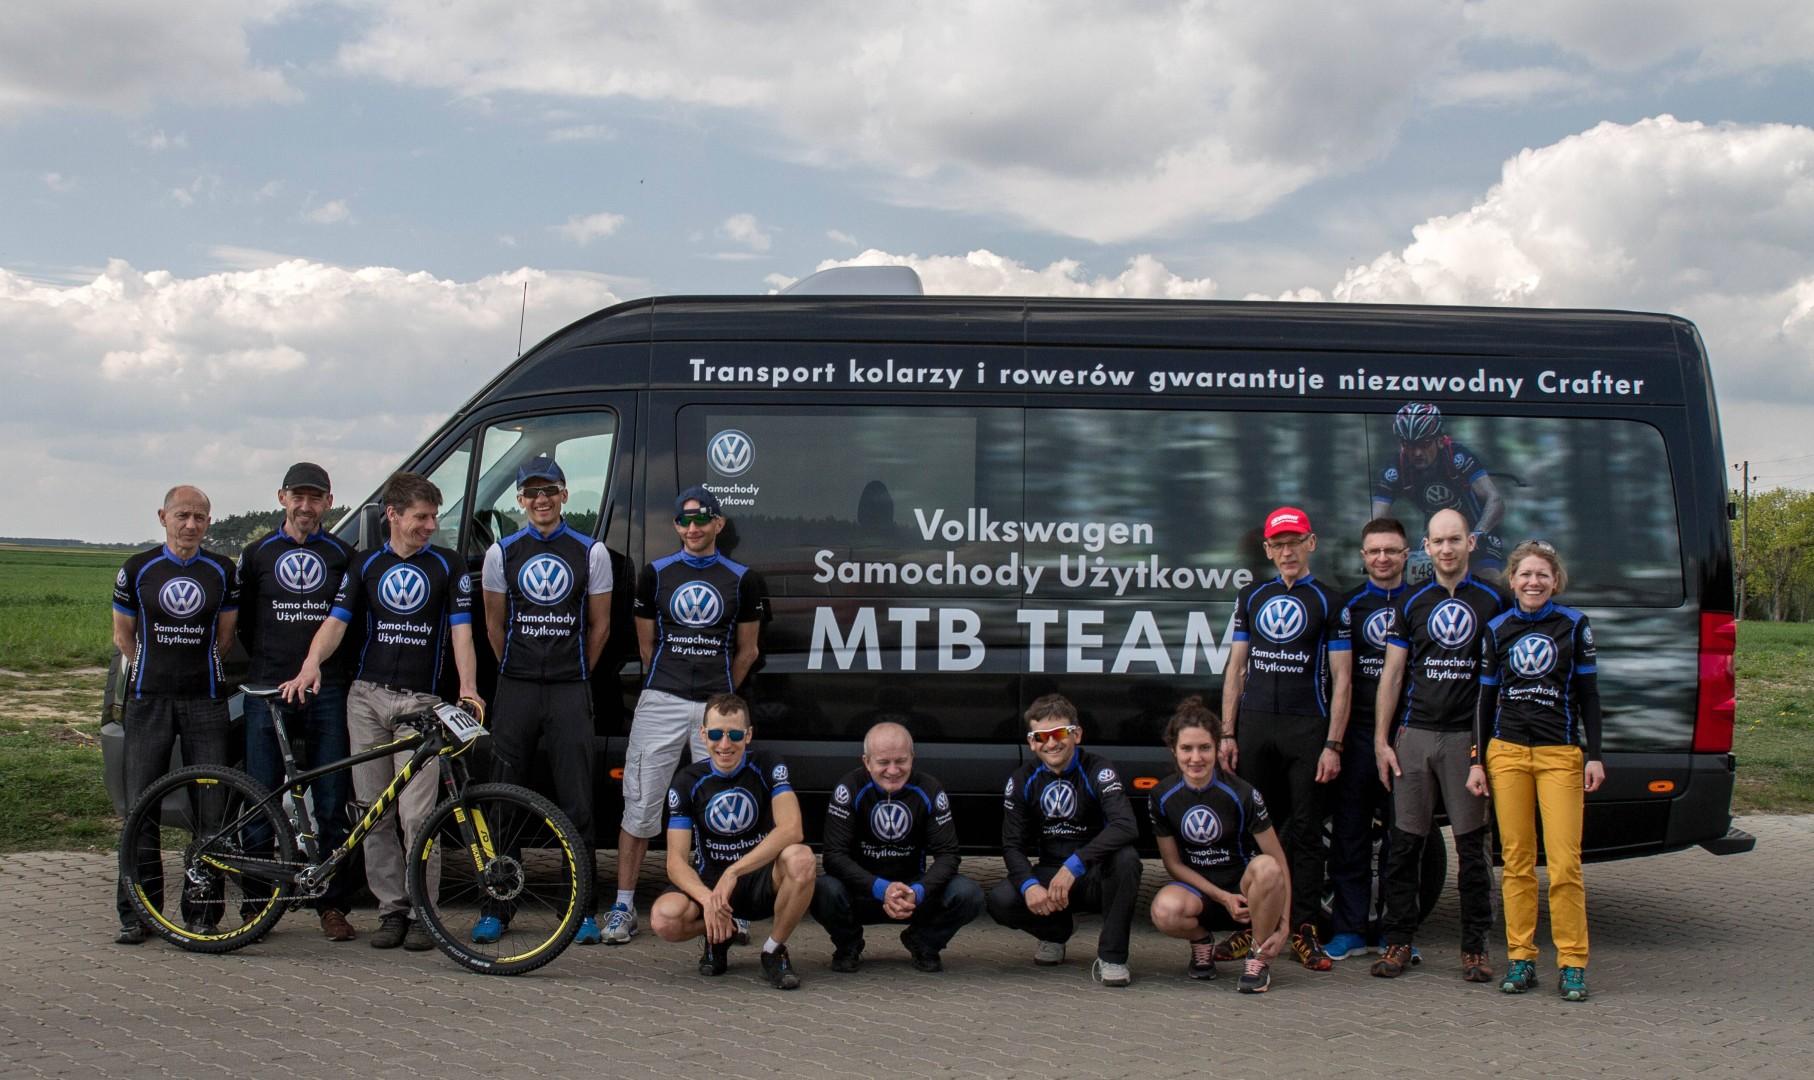 Podsumowanie sezonu przez drużynę Volkswagen Samochody Użytkowe MTB Team [PR]